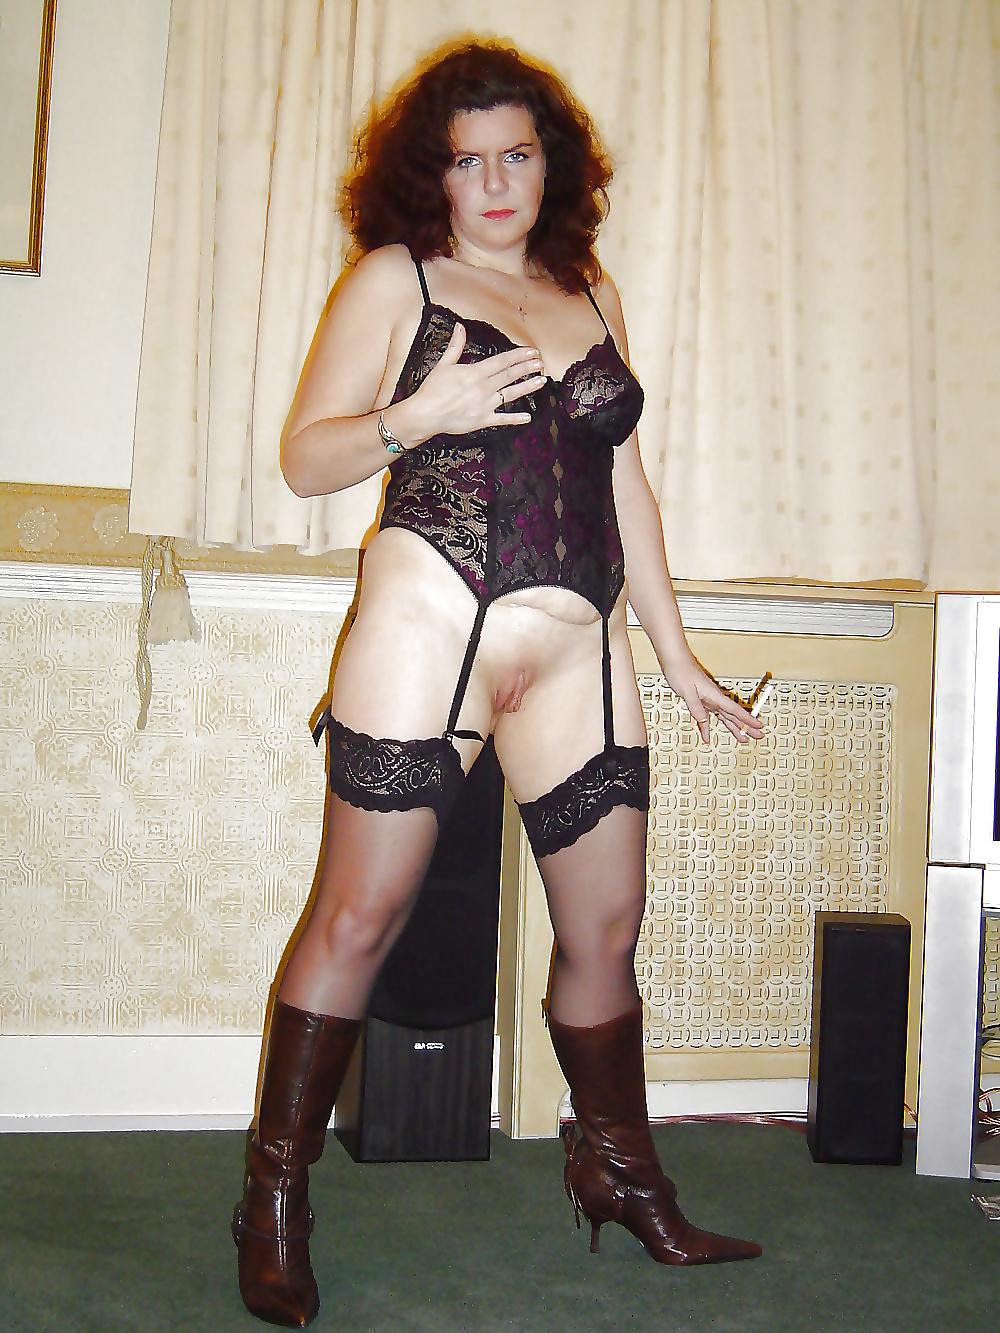 Fotos de mujeres sexy fumando 2